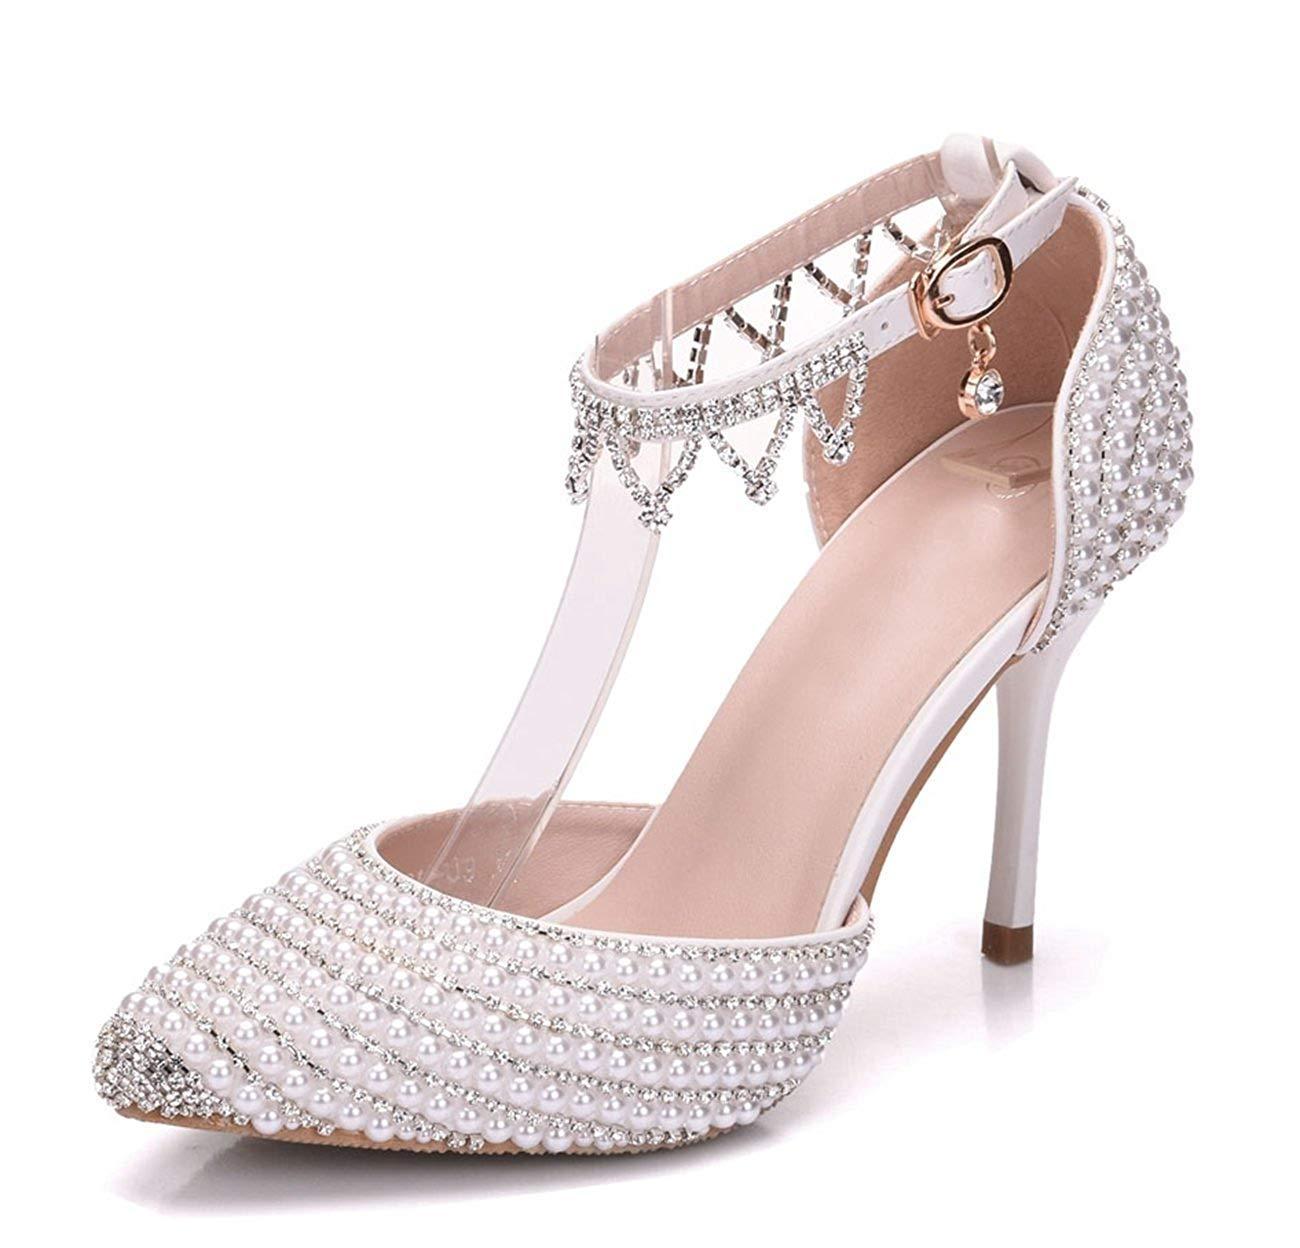 Qiusa Ladies Beading Knöchel Ketten Elfenbein Braut Hochzeit Hostess Pumps Schuhe UK 6 (Farbe   -, Größe   -)